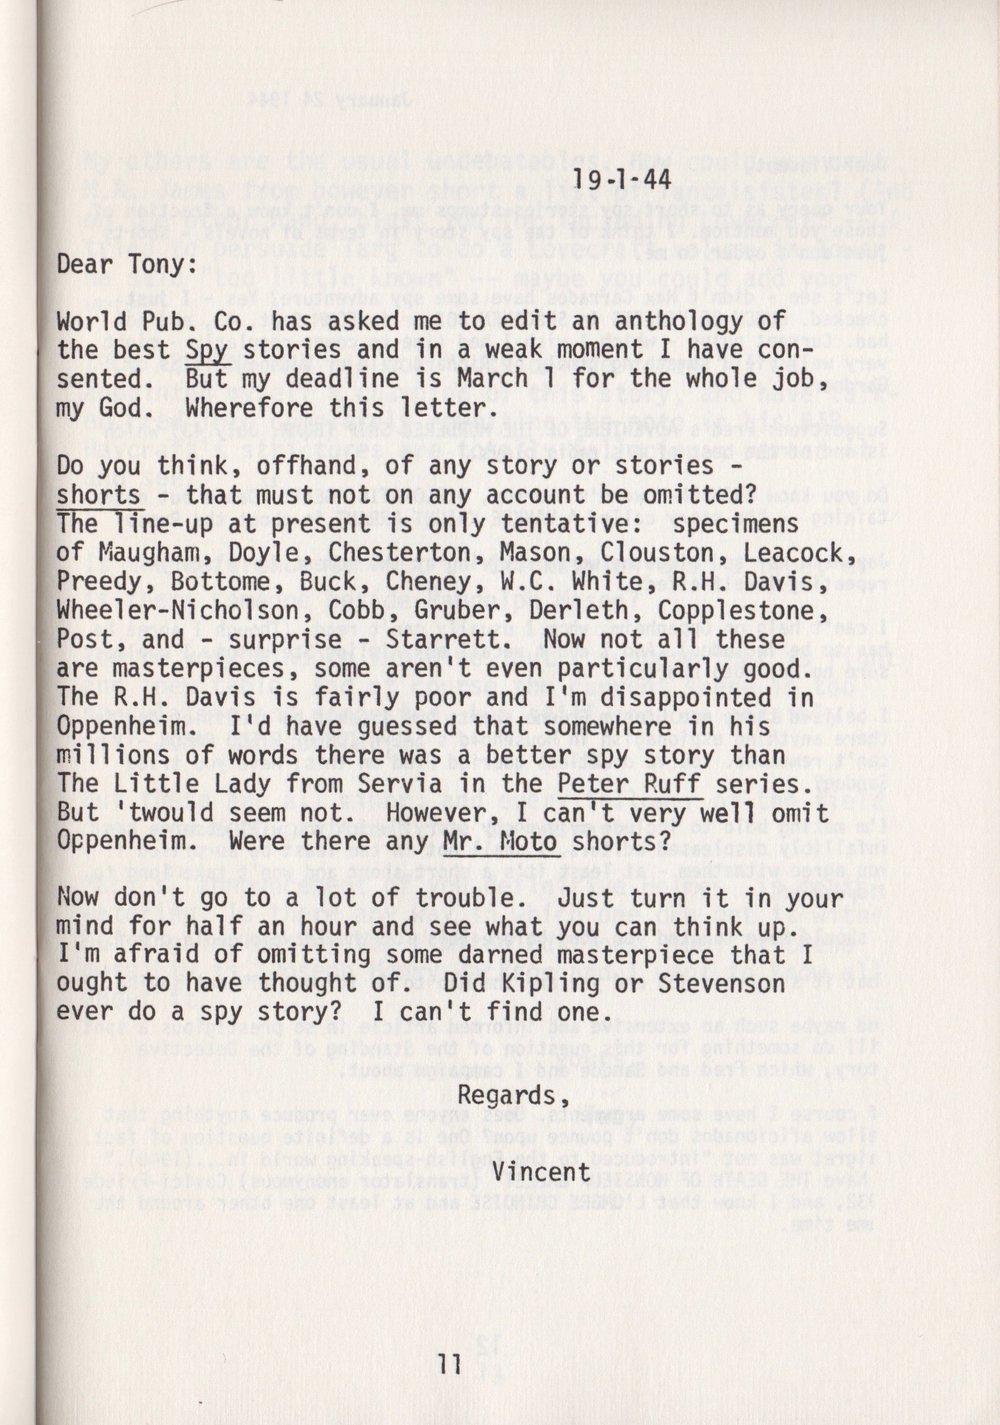 Starrett to Boucher letter.jpg